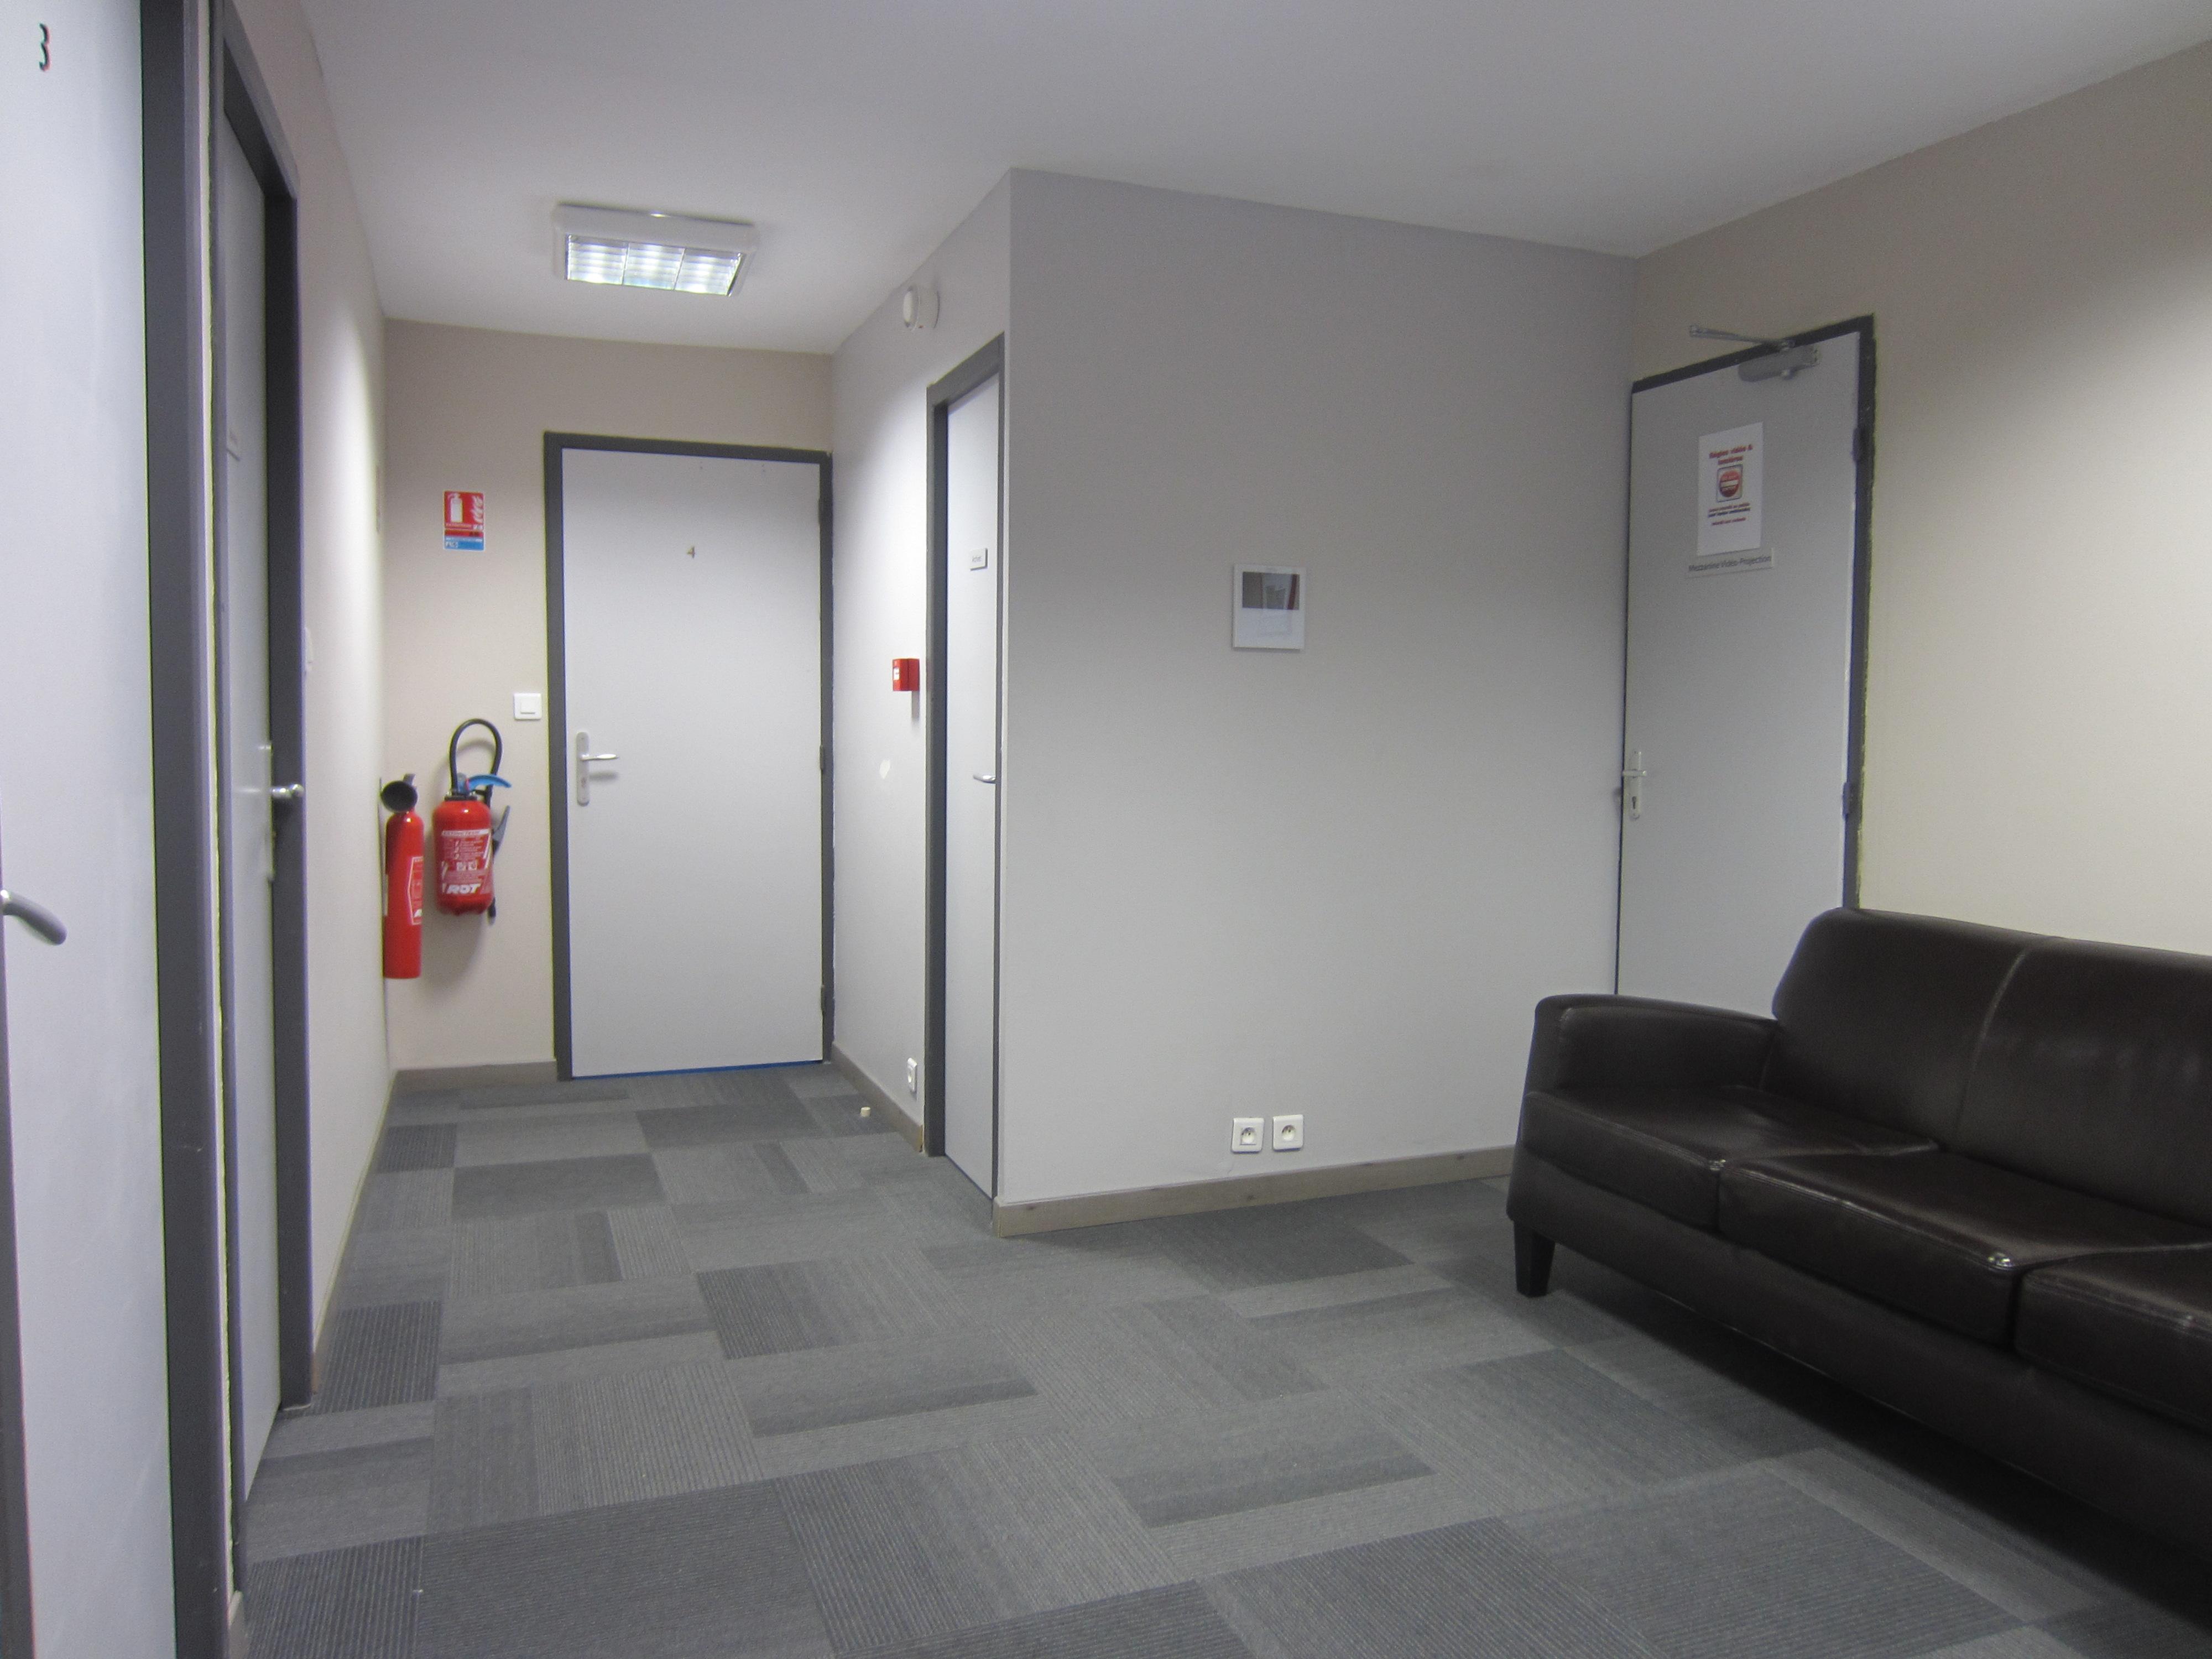 Couloir 2e étage